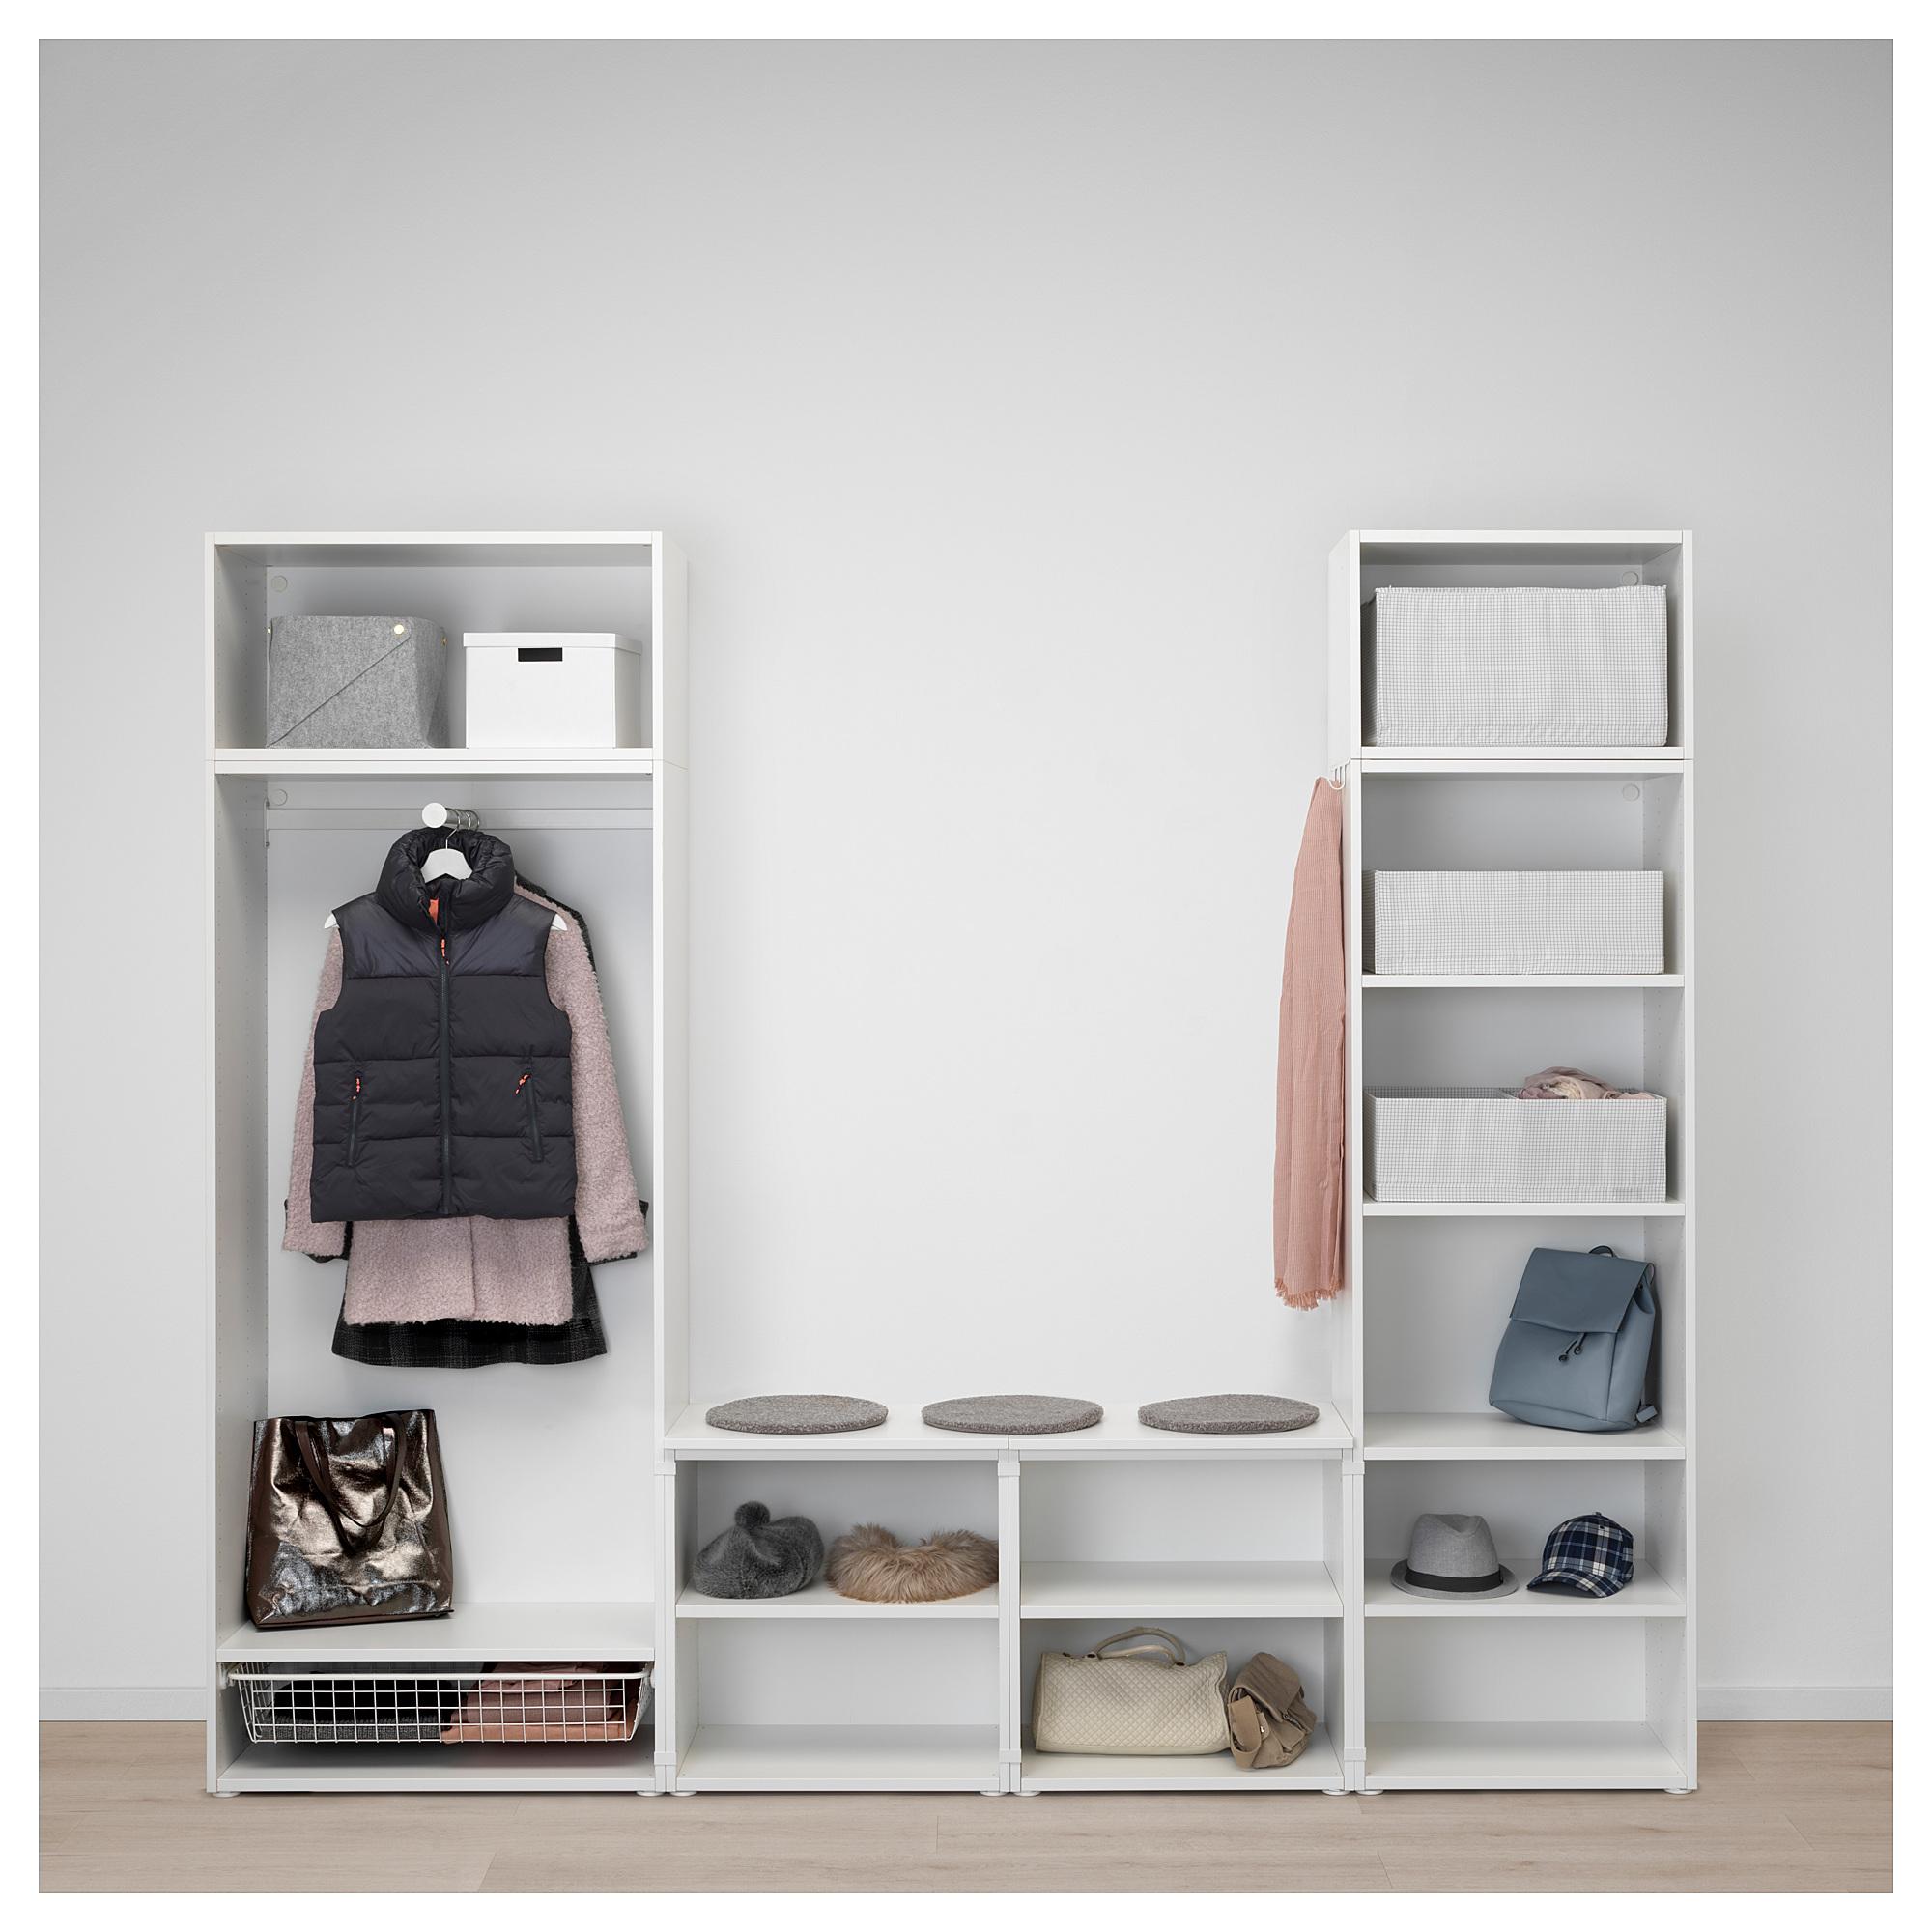 Гардероб ОПХУС белый артикуль № 892.483.28 в наличии. Онлайн каталог IKEA РБ. Быстрая доставка и установка.